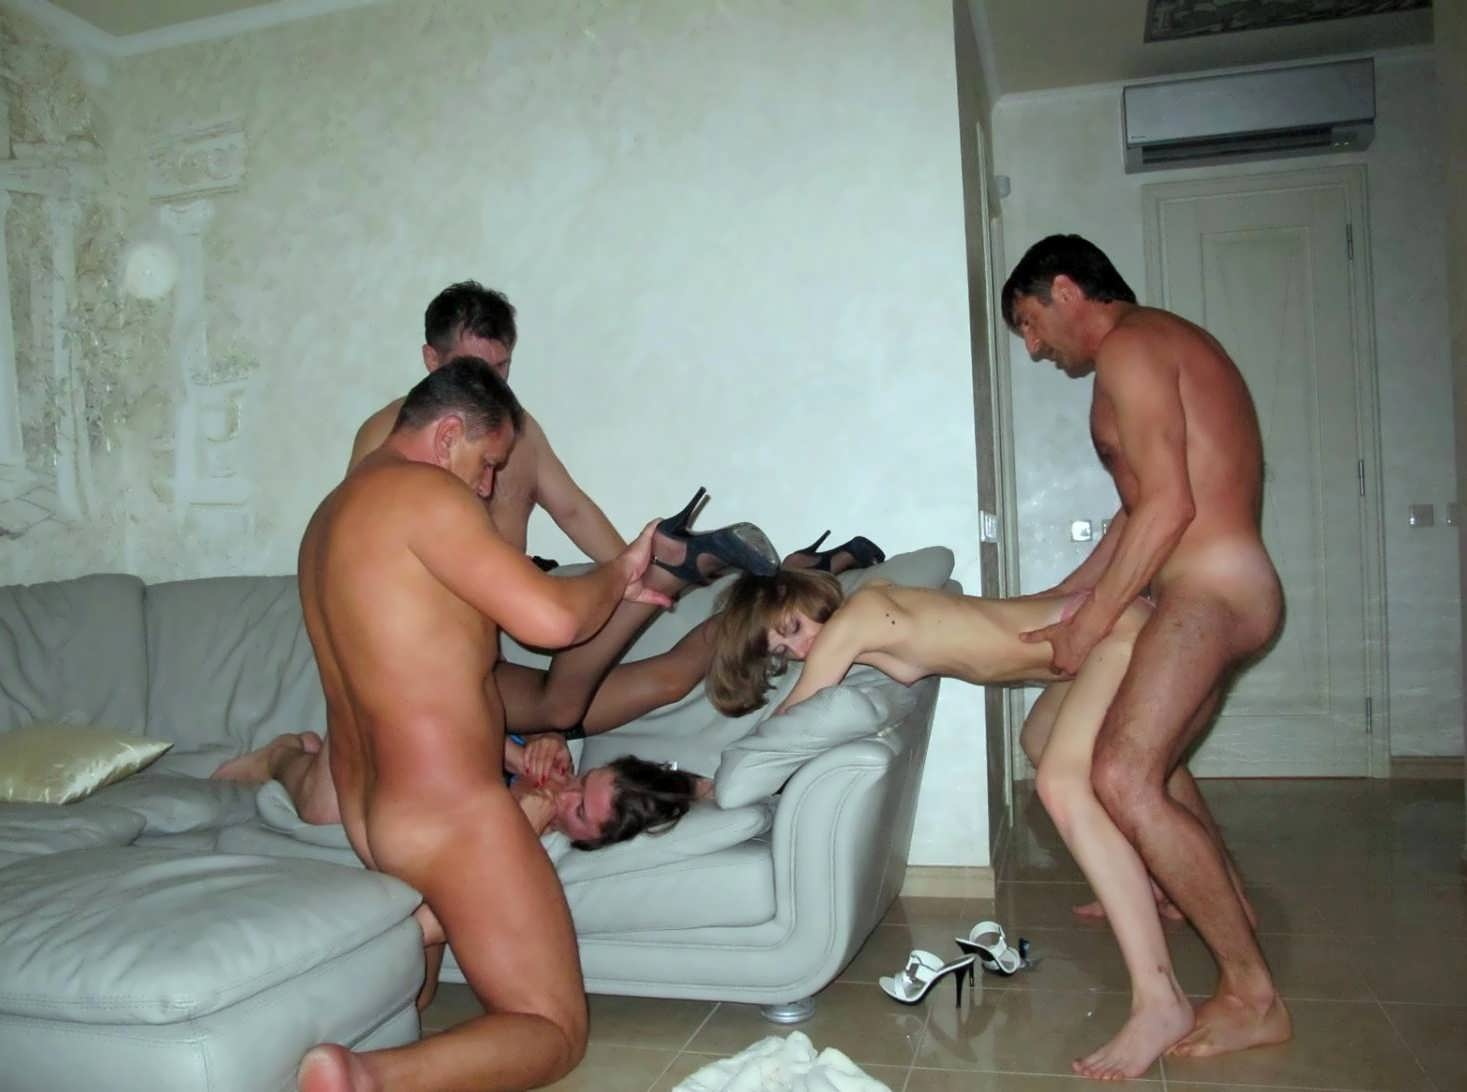 Жены трахаются с мужиками, обмениваясь ими в процессе